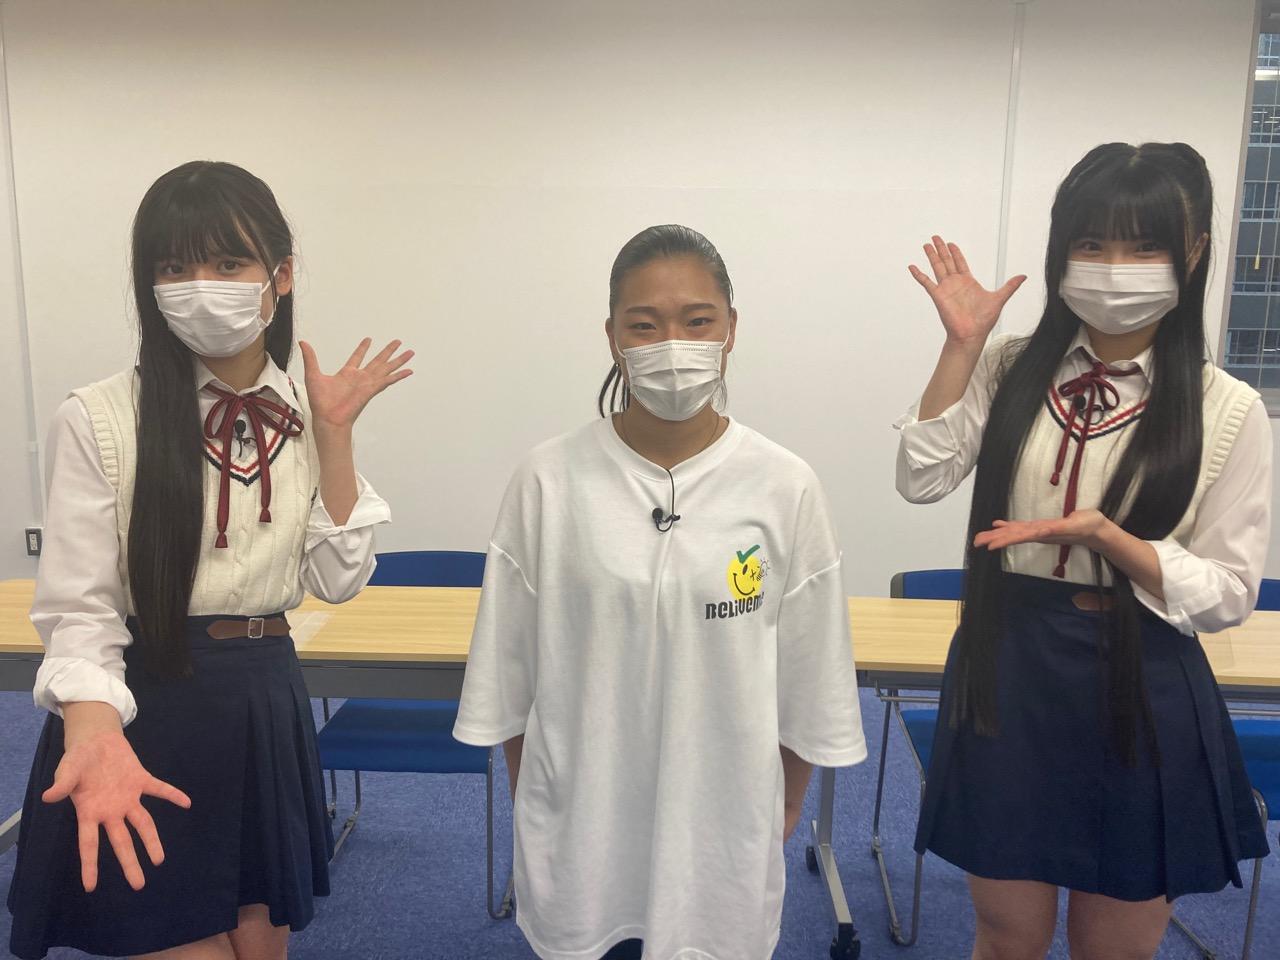 「SKE48とちょっとそこまで」北川愛乃&林美澪が名古屋の学校に通う17歳の女性と出会う②【2021.9.14 21:54〜 東海テレビ】